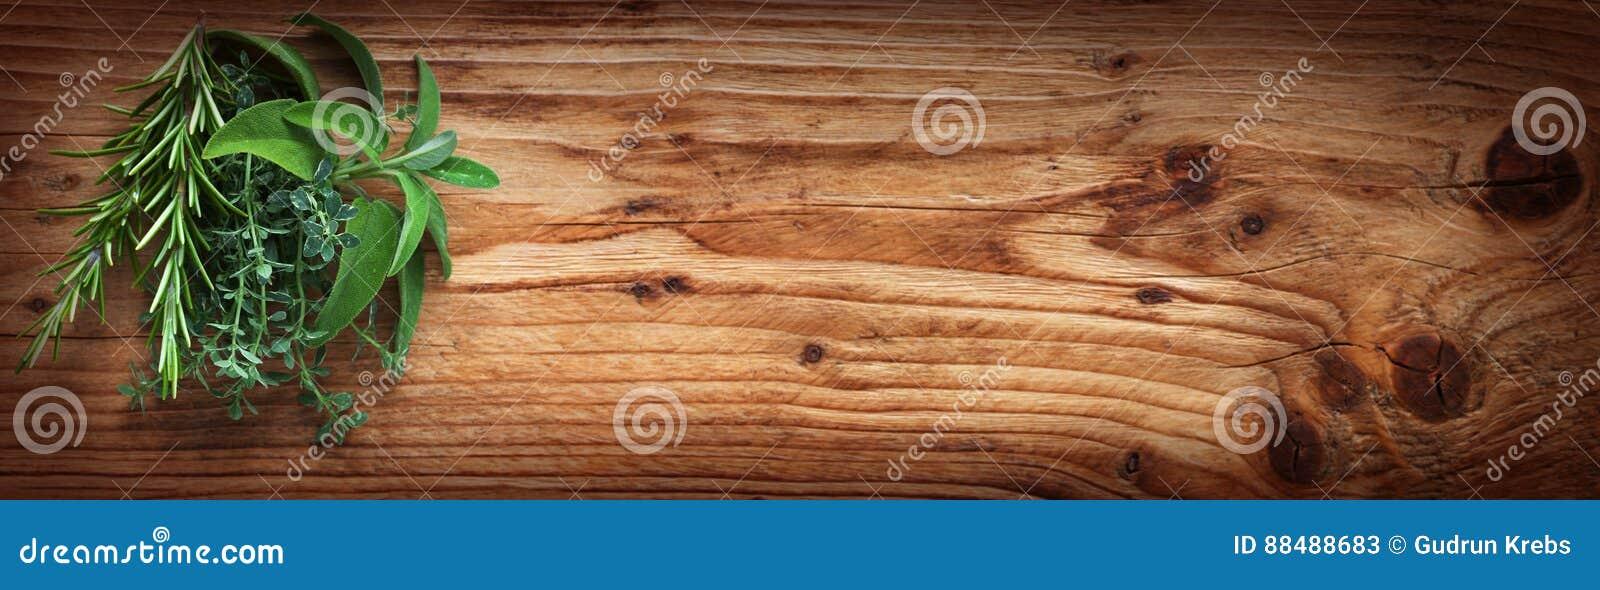 Hierbas frescas de la especia en la madera rústica